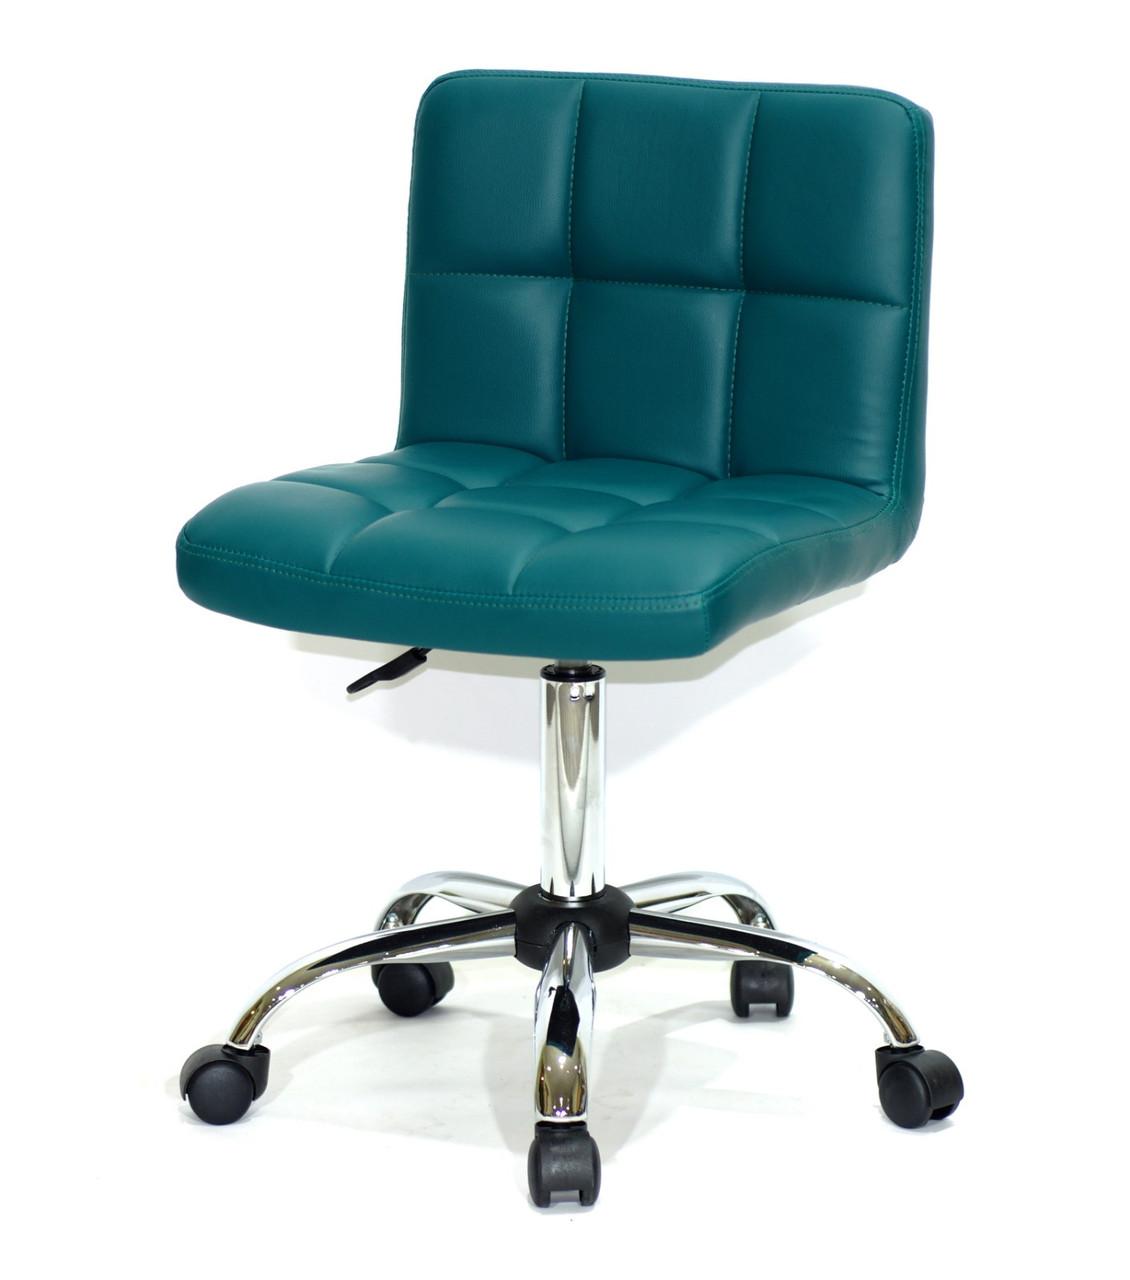 Крісло майстра Arno CH Office, зелене